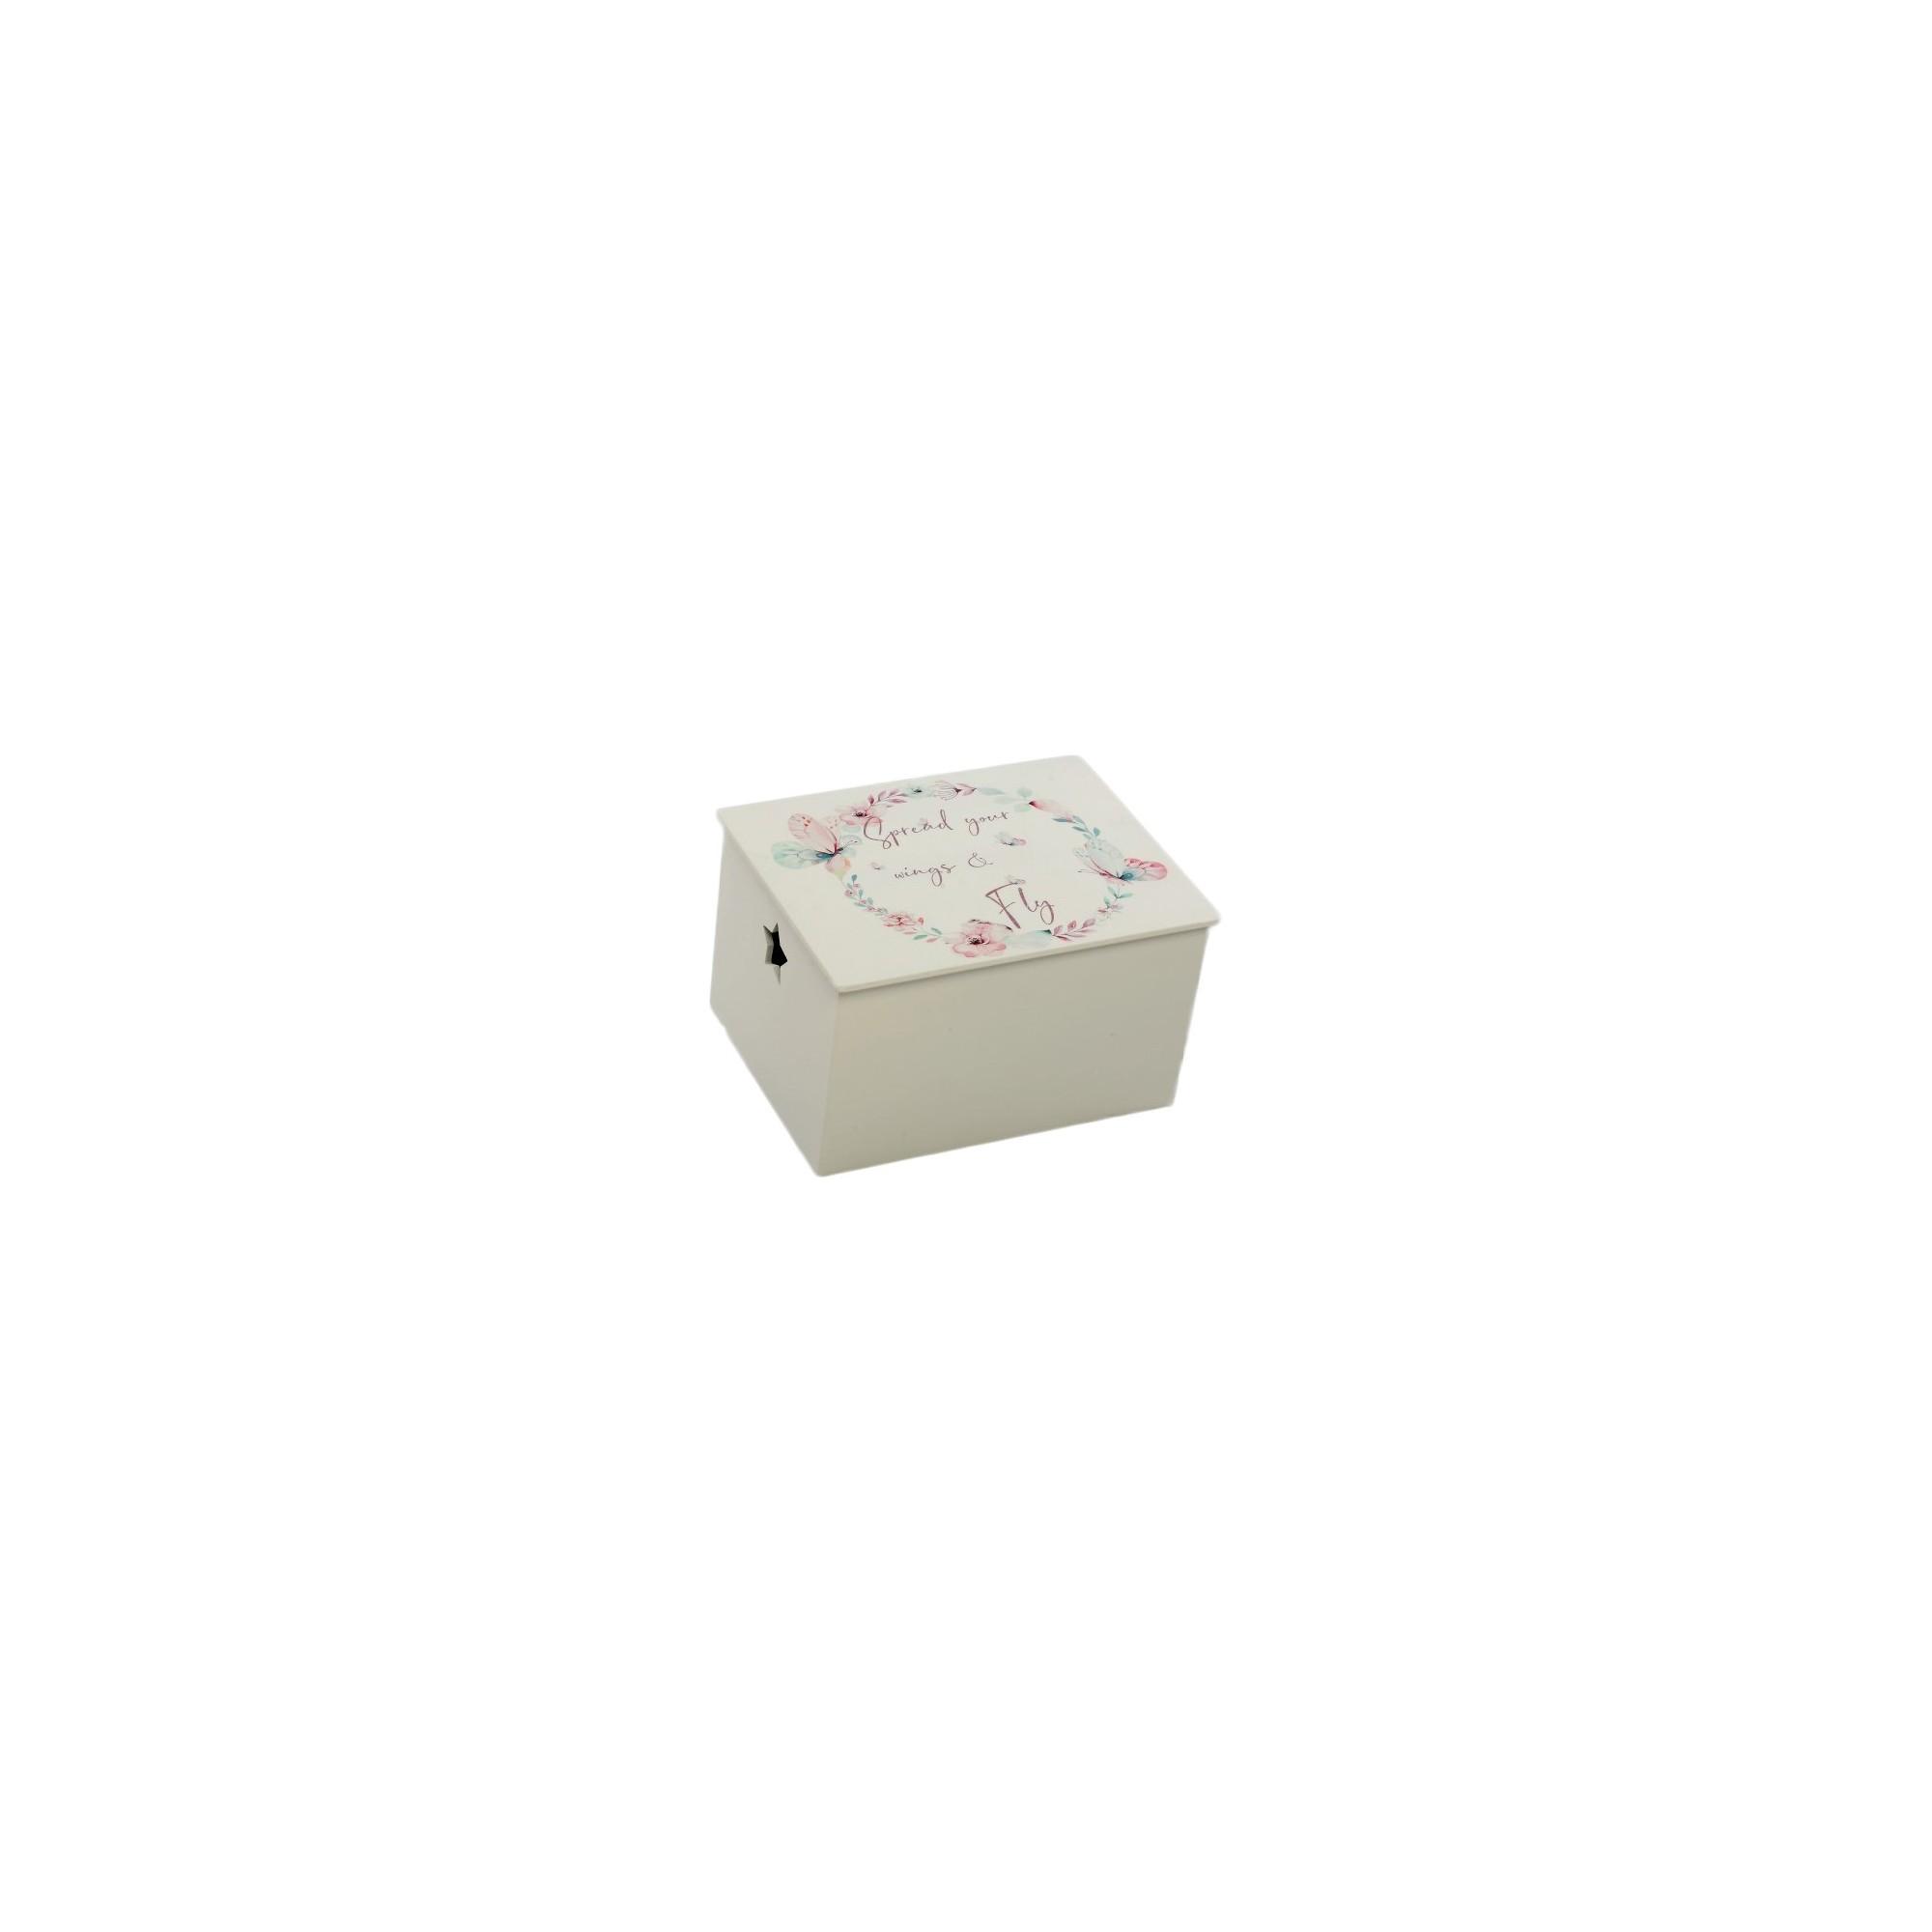 Κουτί βάπτισης Floral - Z-625